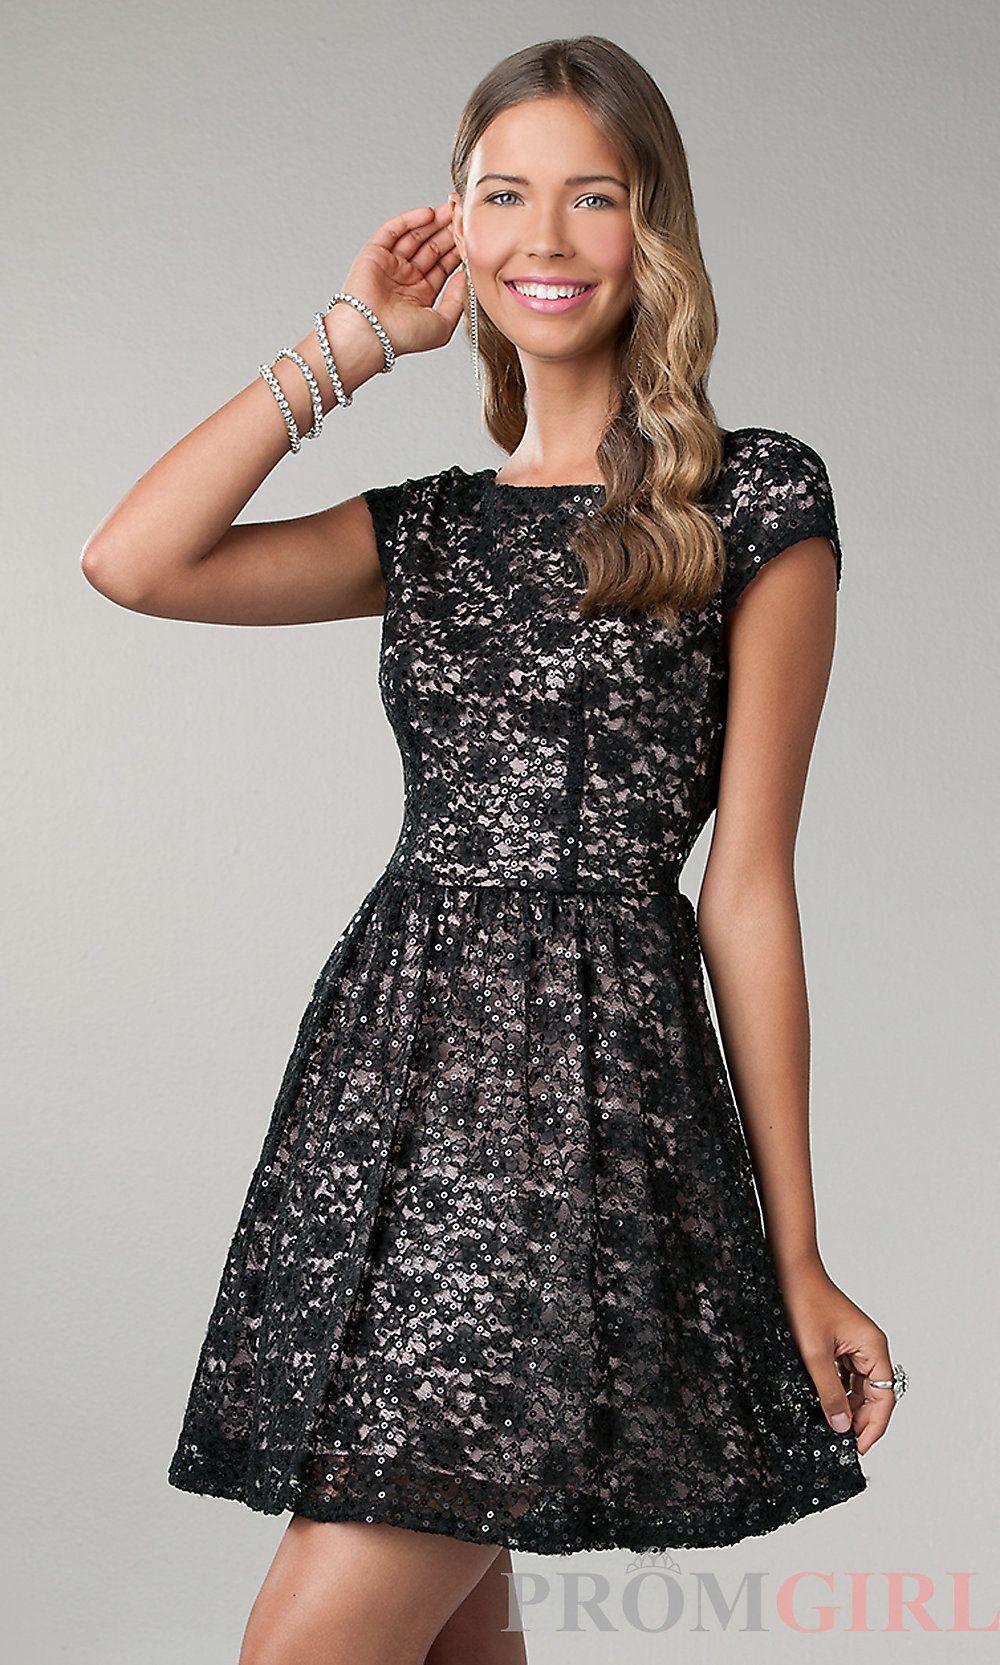 Short Dresses For Semi Formal